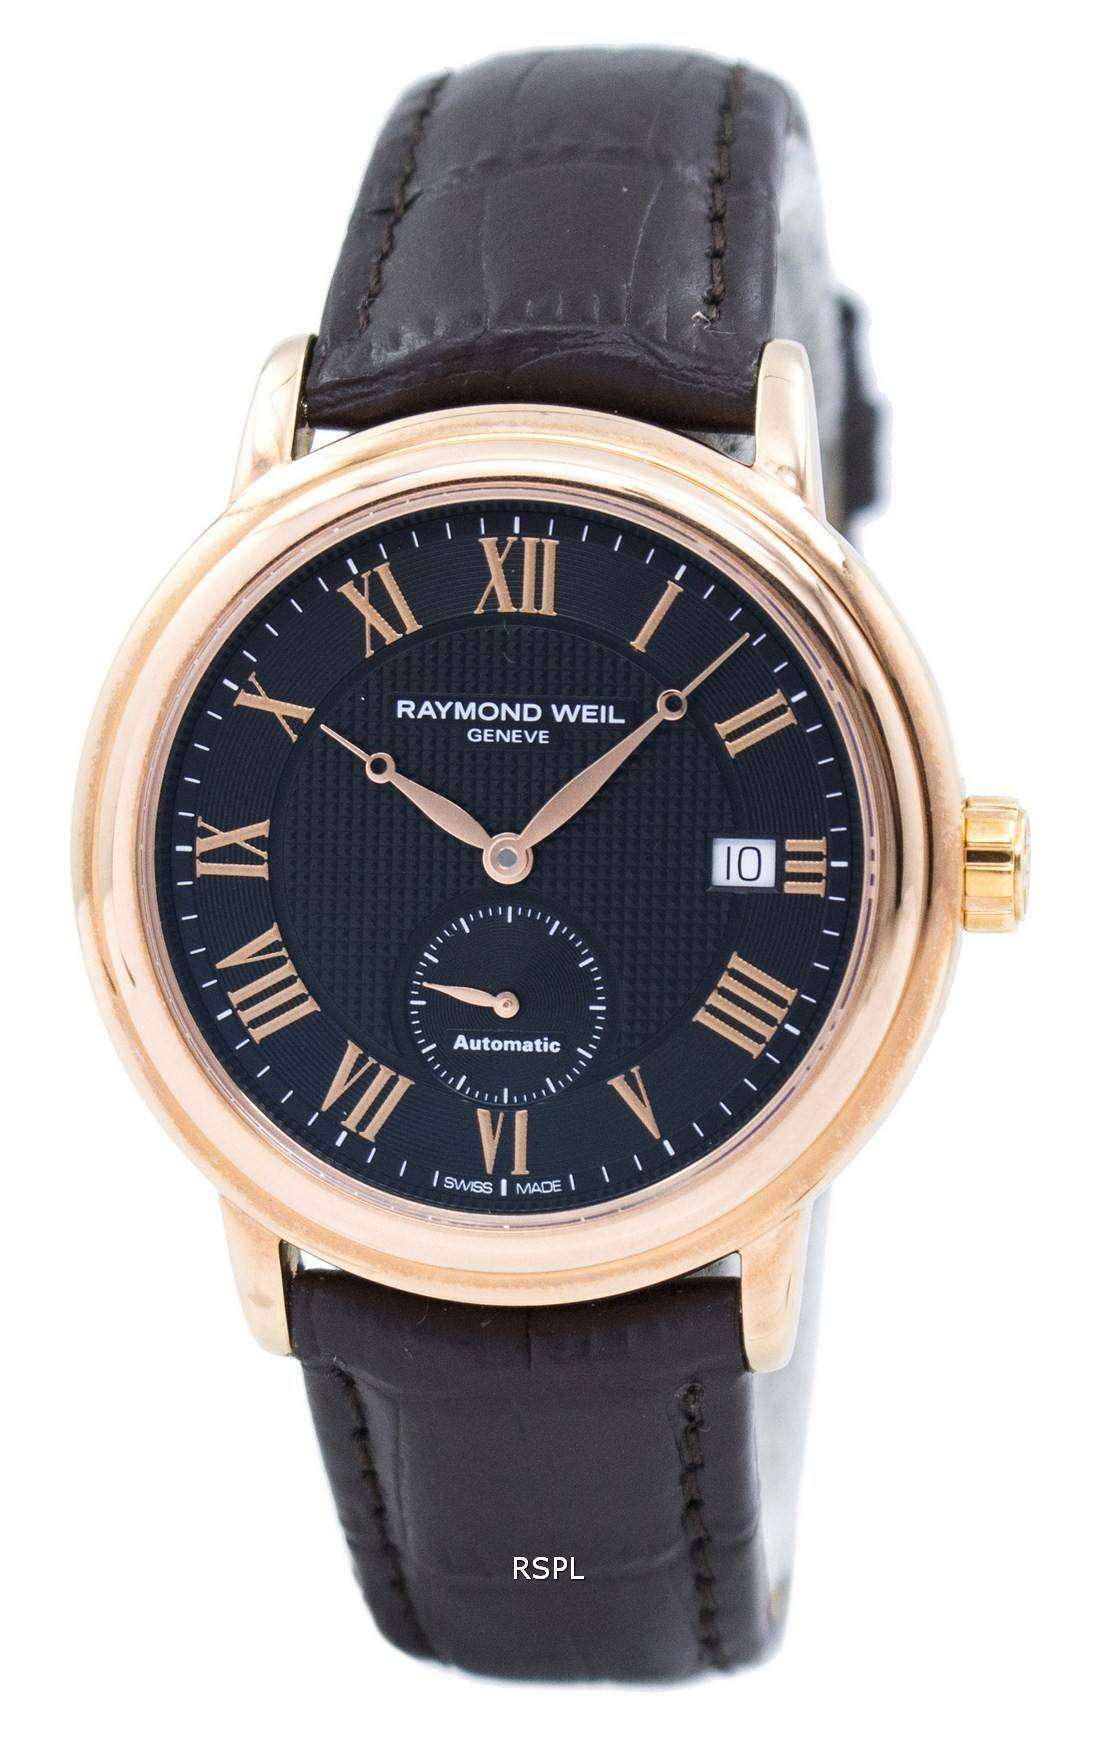 レイモンドウェイル マエストロ自動 2838 PC5 00209 男性用の腕時計